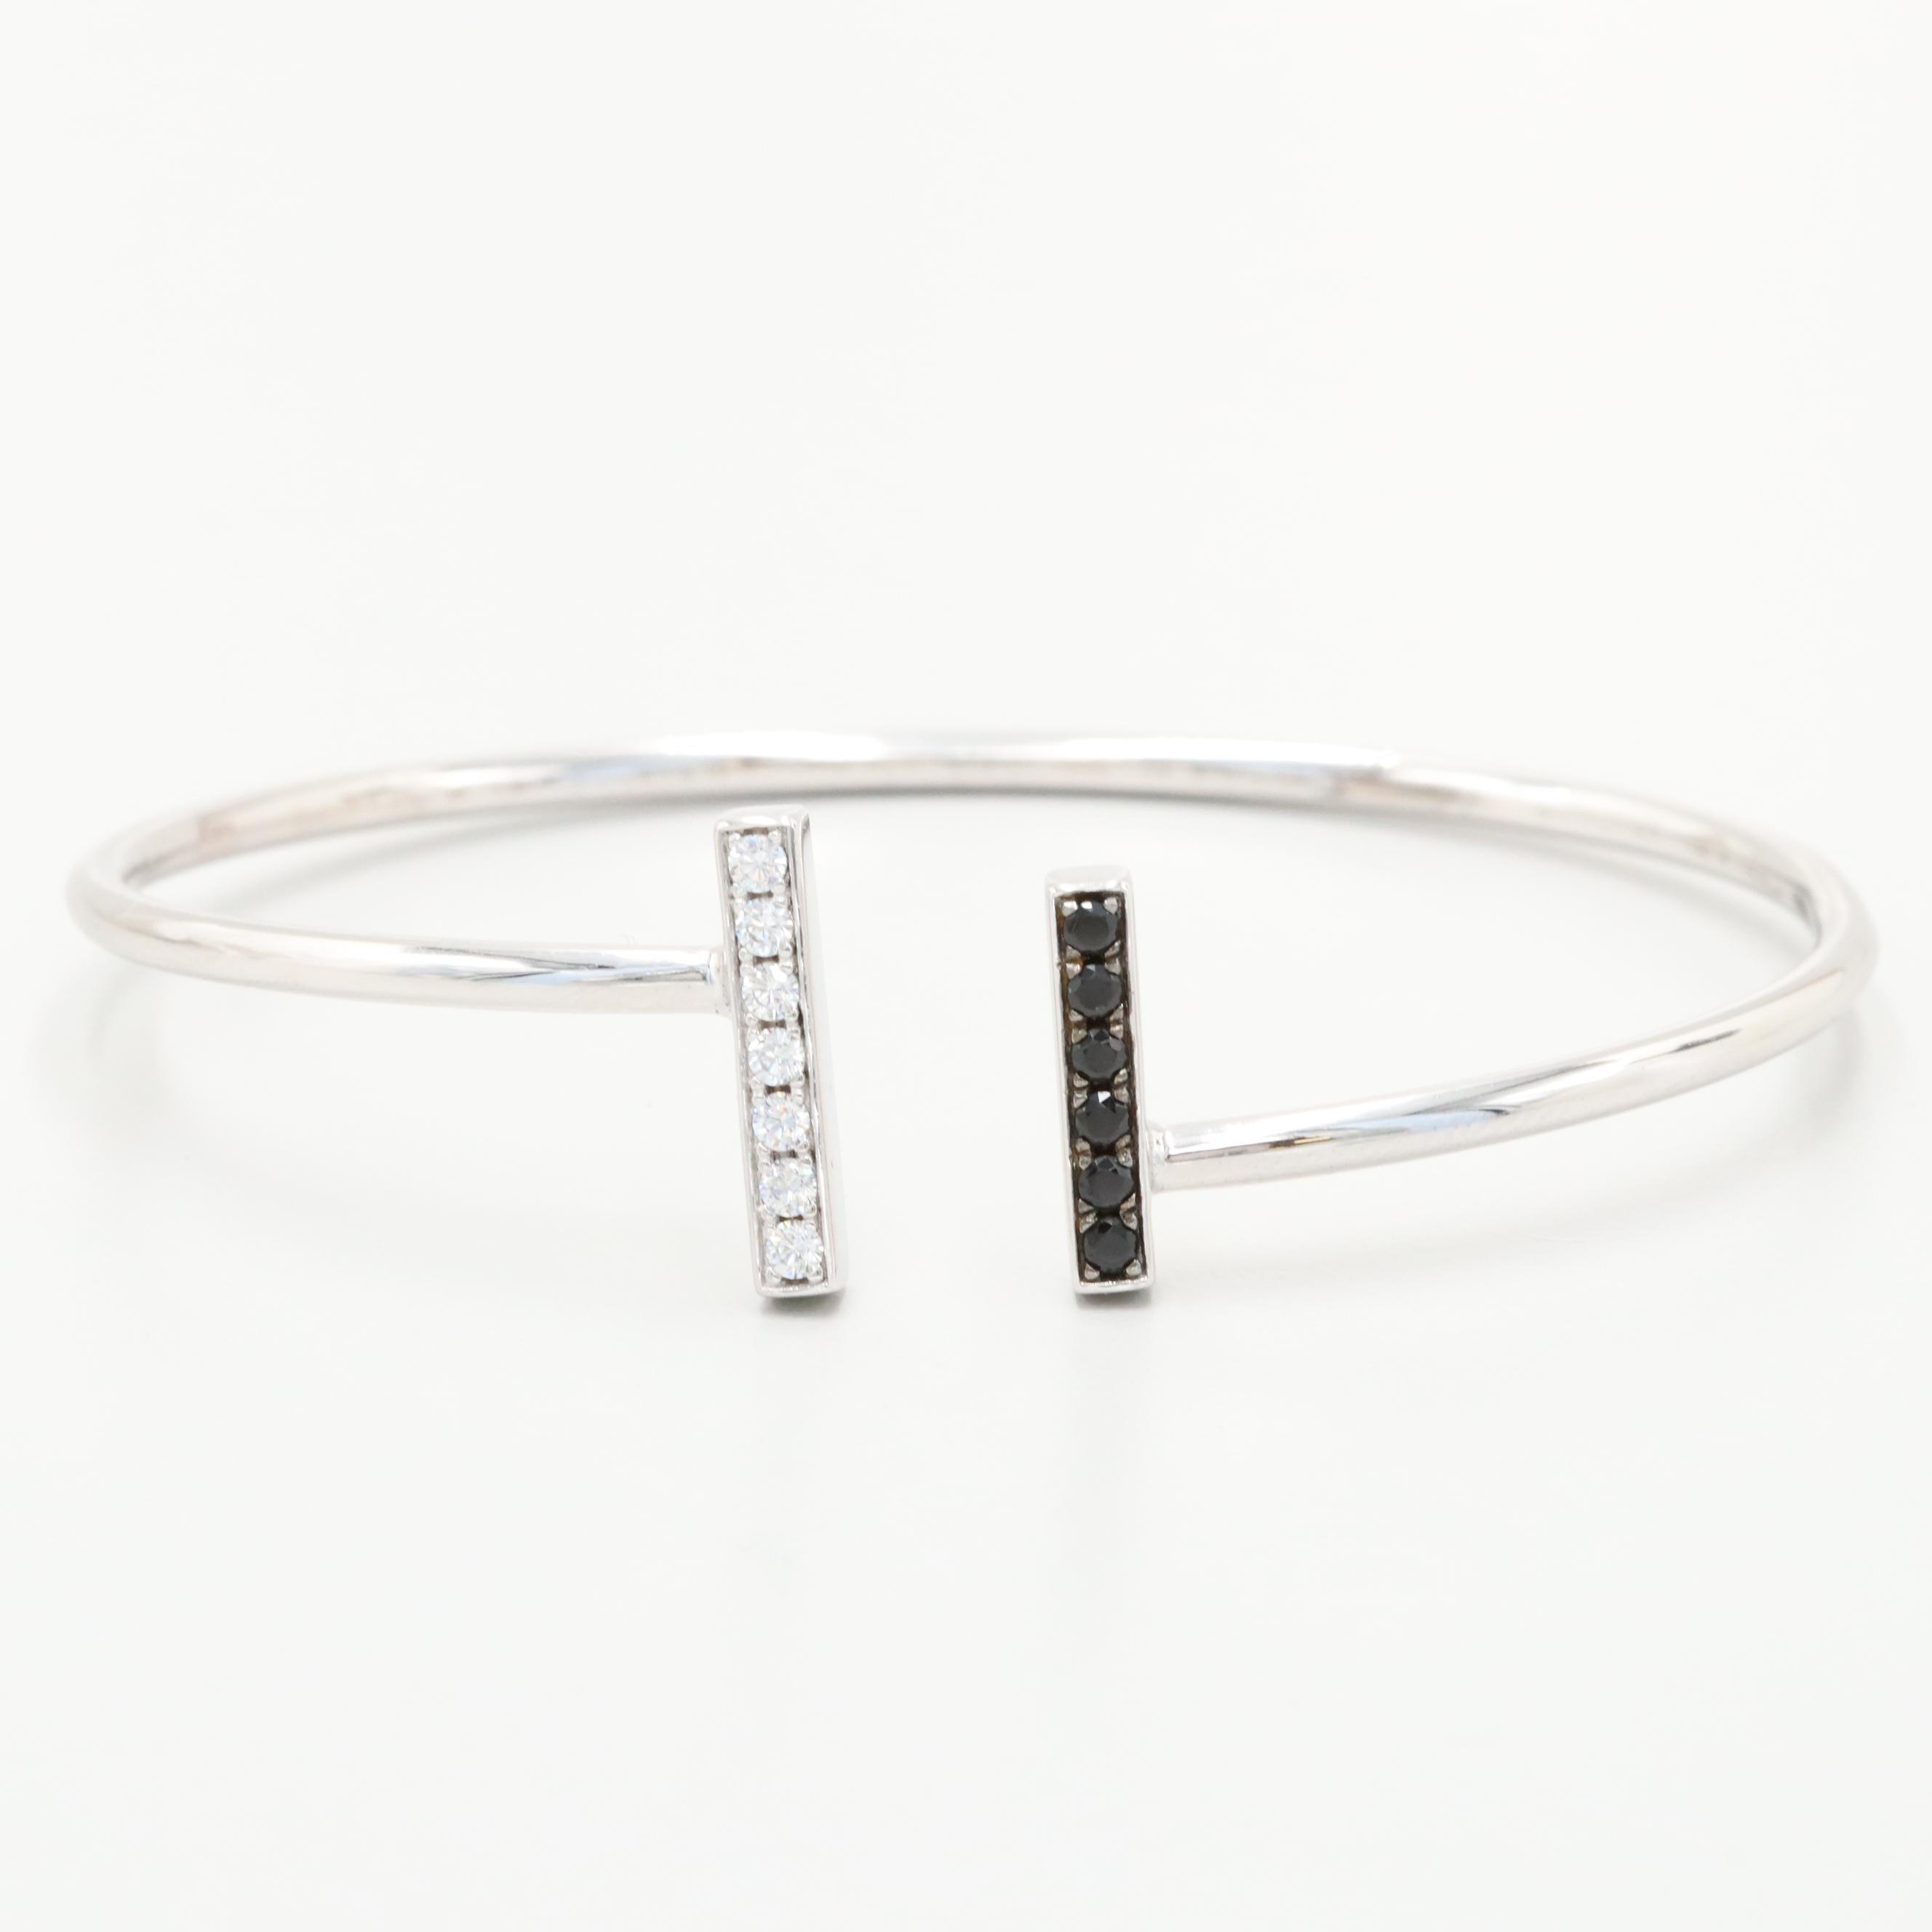 Elle Sterling Silver Cubic Zirconia Cuff Bracelet